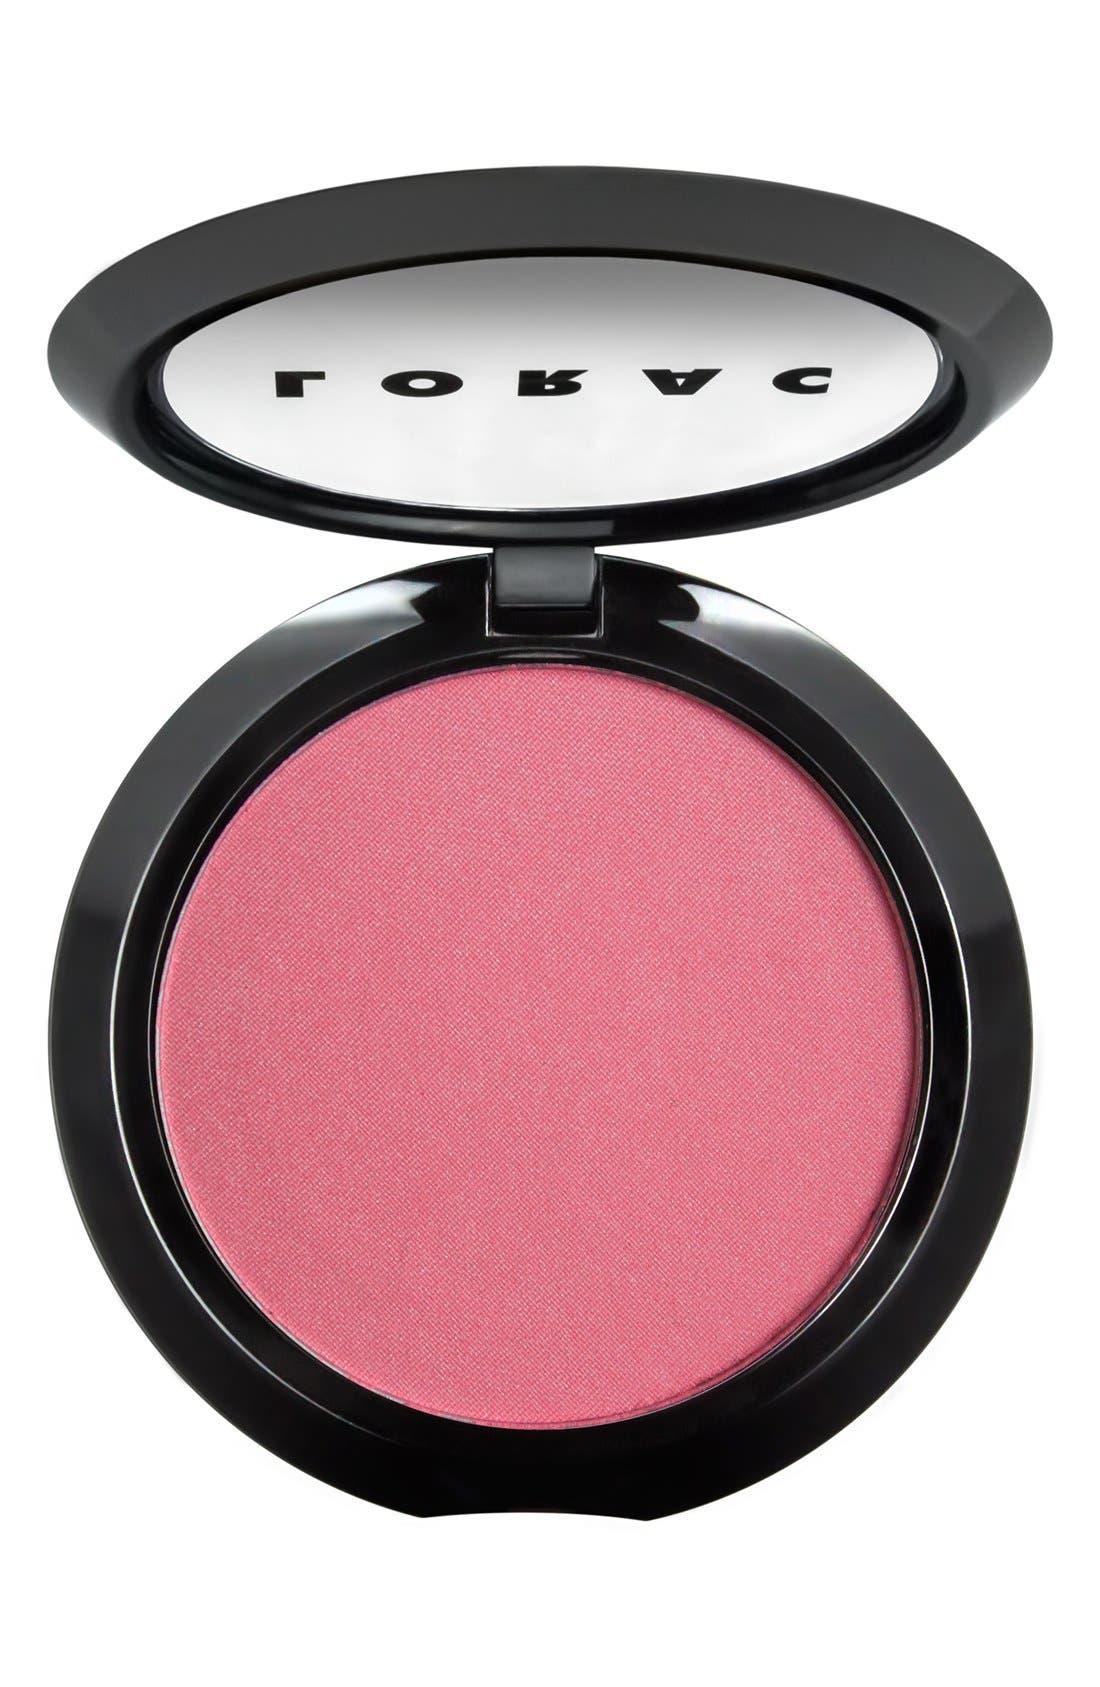 LORAC 'Color Source' Buildable Blush